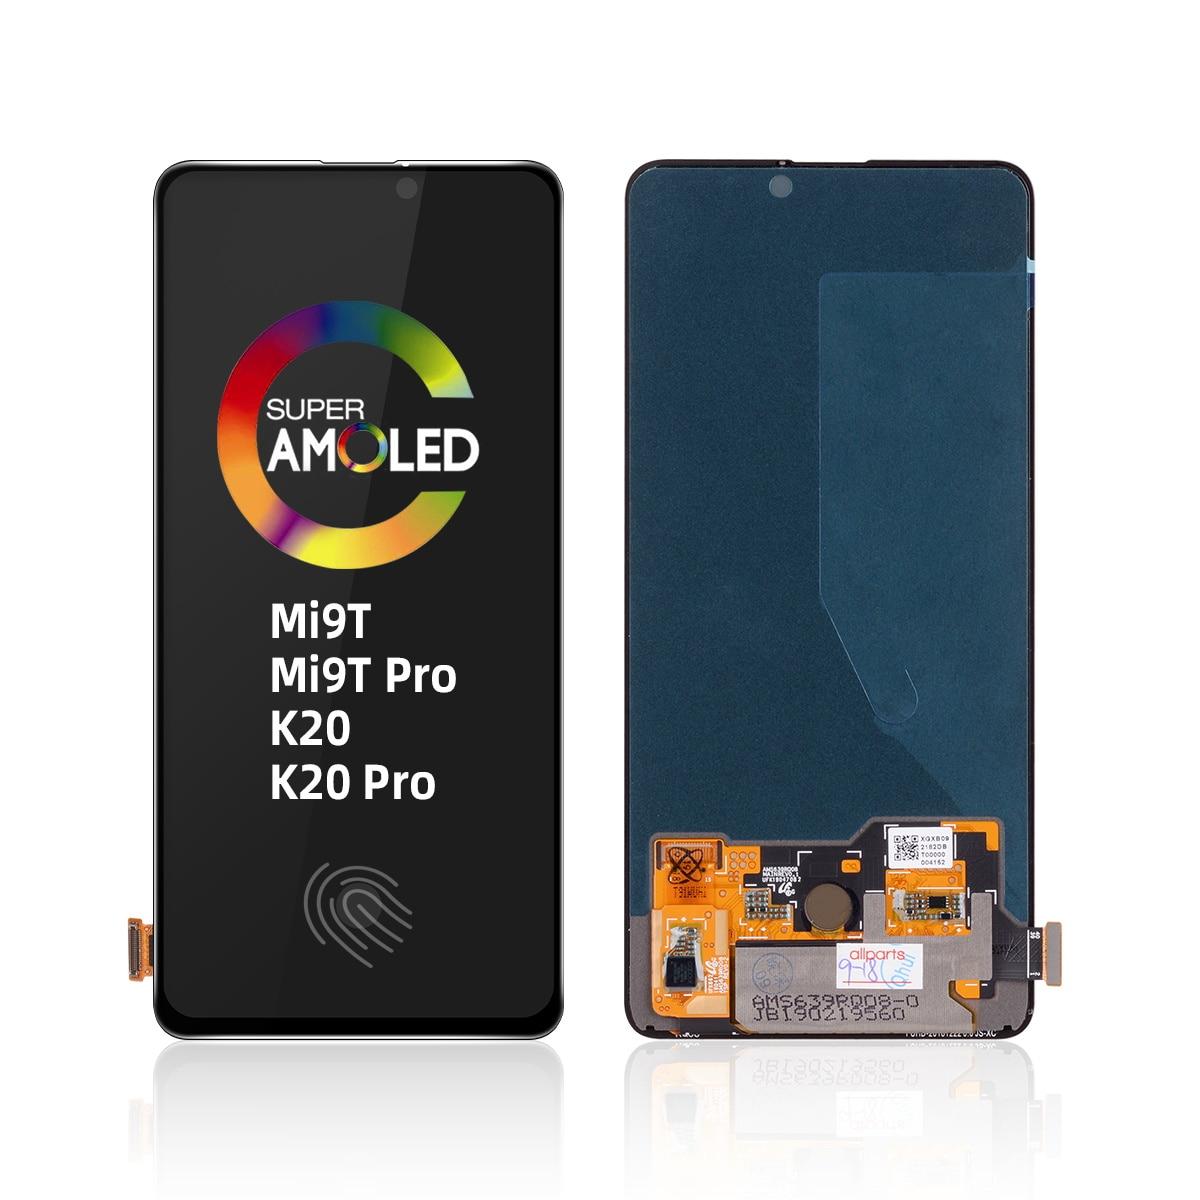 Mi 9T Pro ЖК дигитайзер ЖК-экран оригинальный для Xiao mi Red mi K20 Pro ЖК-дисплей с рамкой Ksio mi Xio mi с рамкой для Xiao mi M